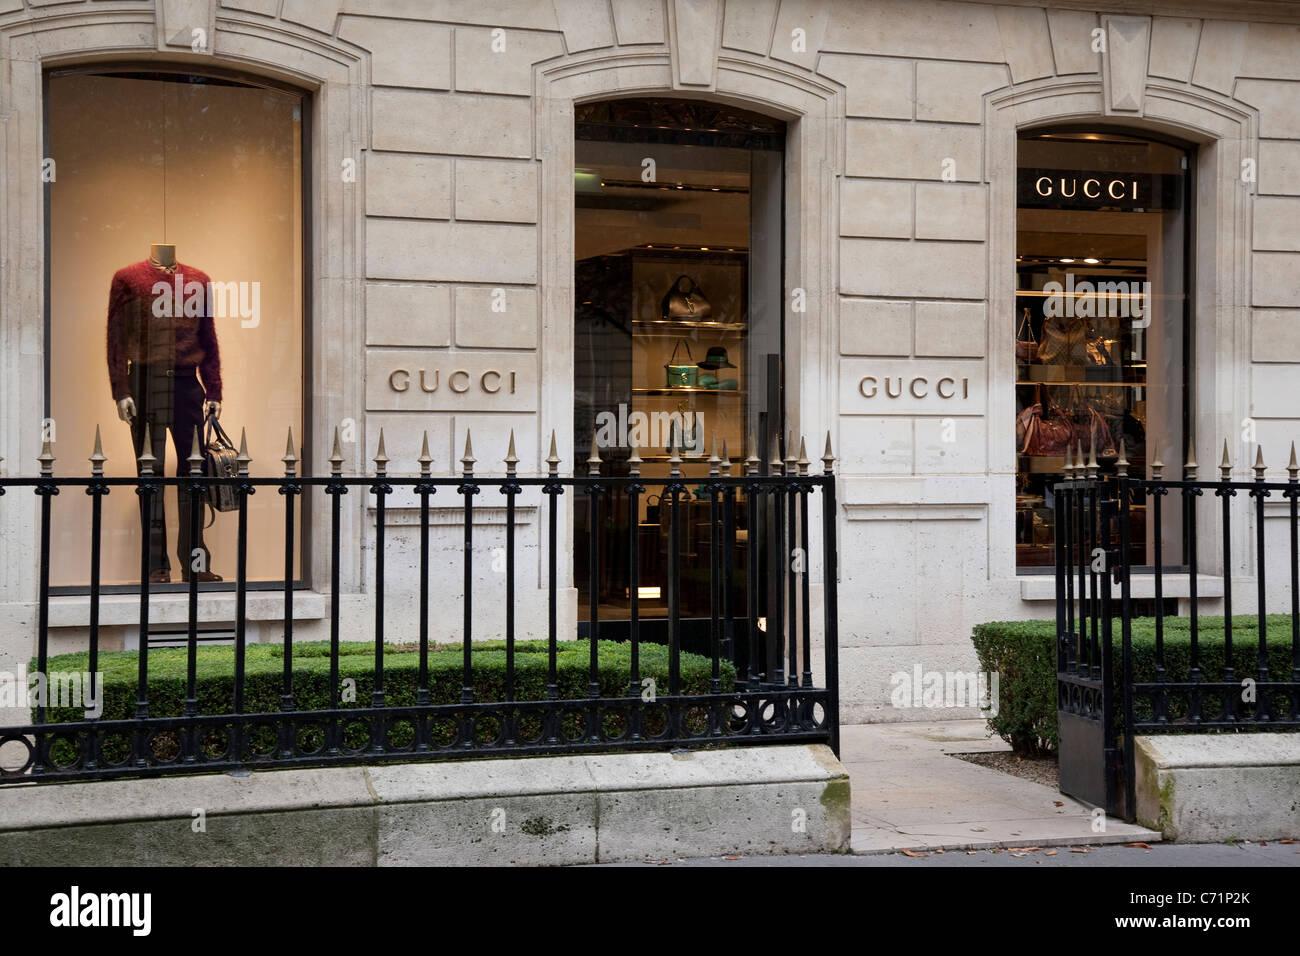 Gucci Shop on Avenue Montaigne, Paris, France Stock Photo, Royalty ...